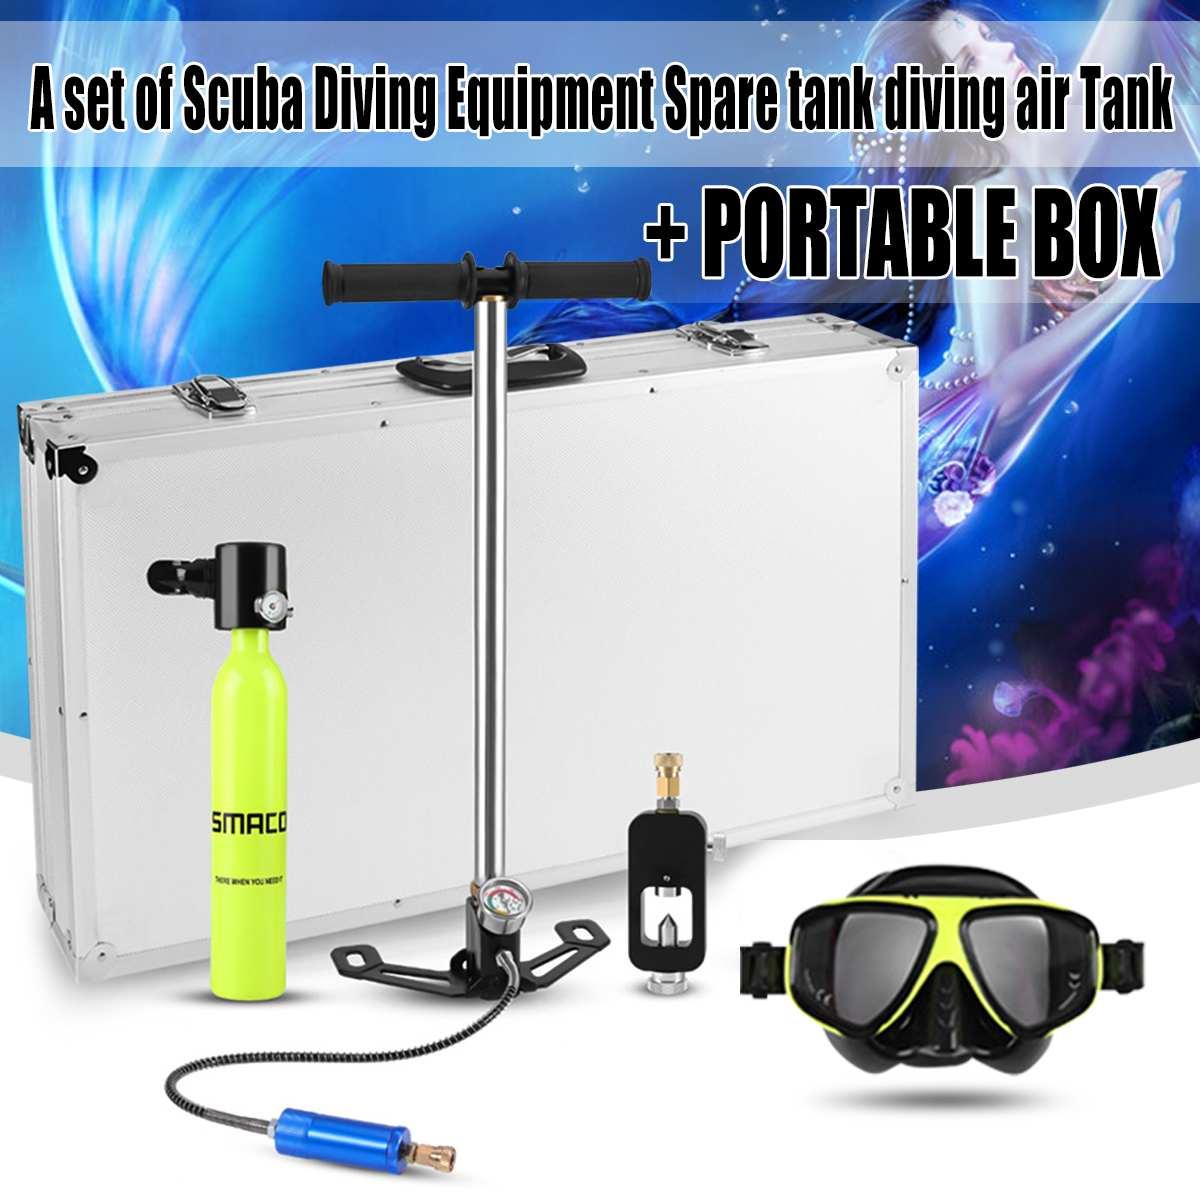 500 ml Mini réservoirs d'air d'oxygène de plongée équipement de plongée pour la plongée en apnée sous-marine régulateur de respiration cylindre accessoires